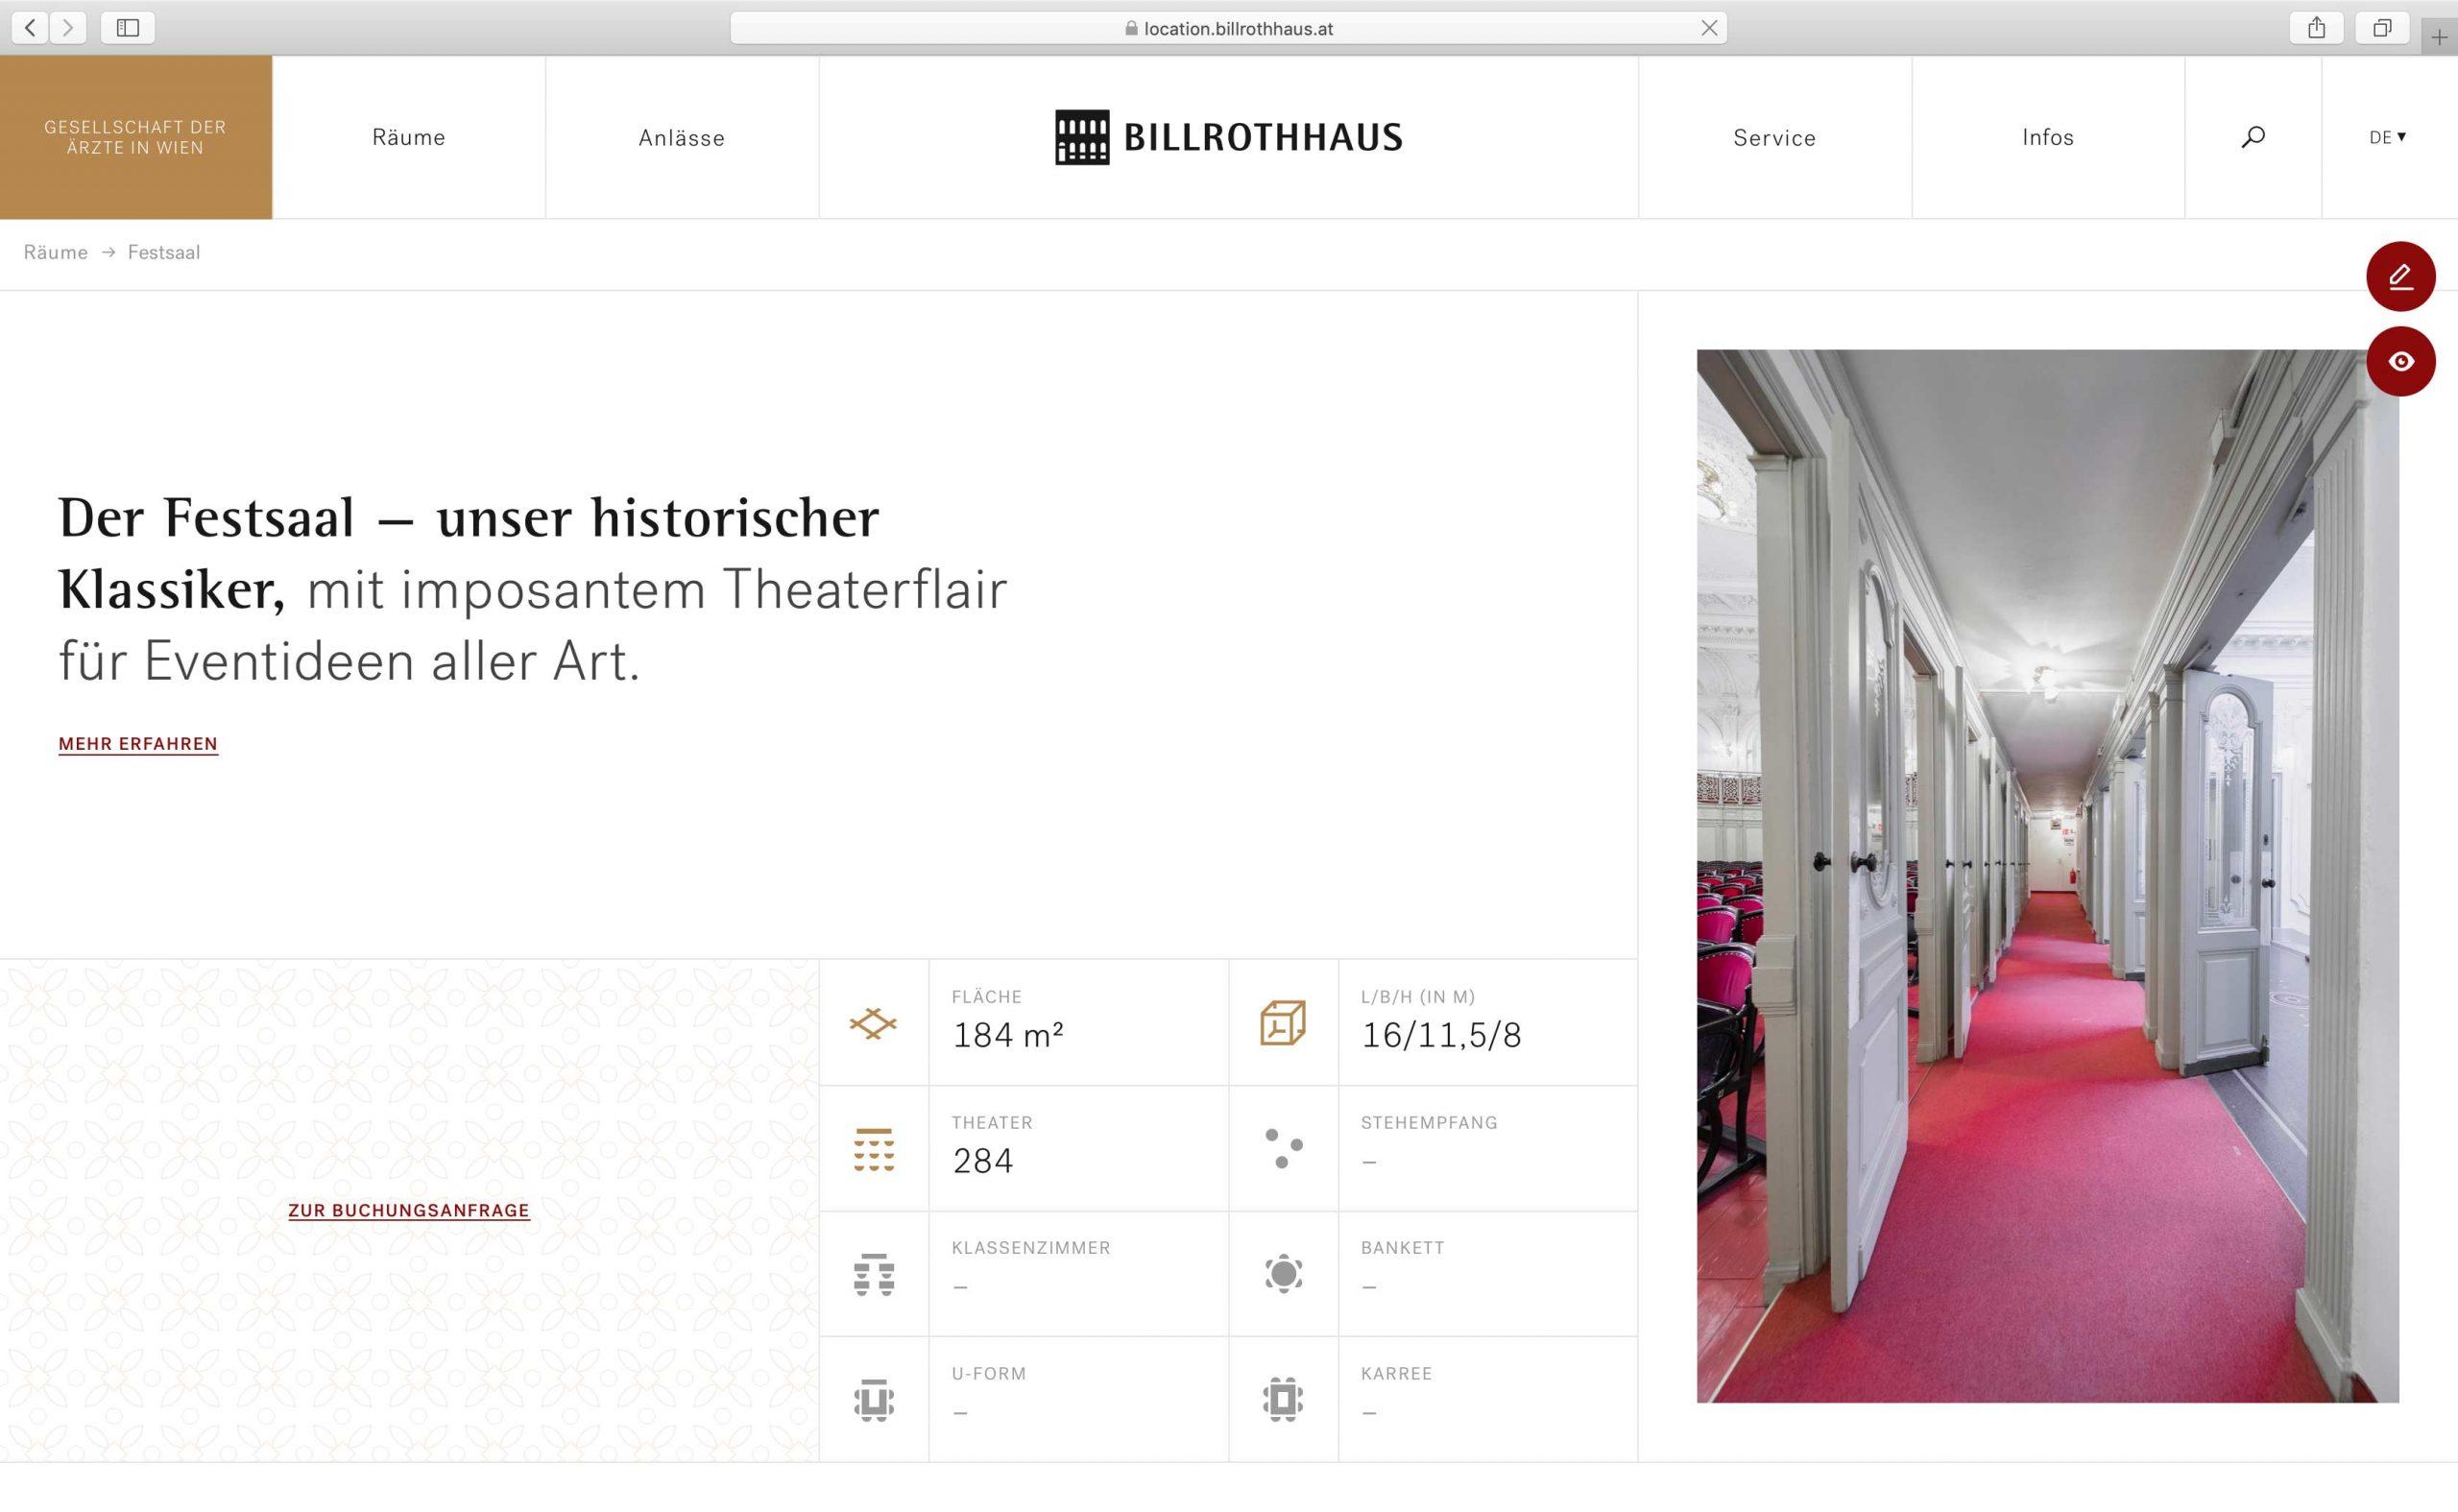 billrothhaus-screen5